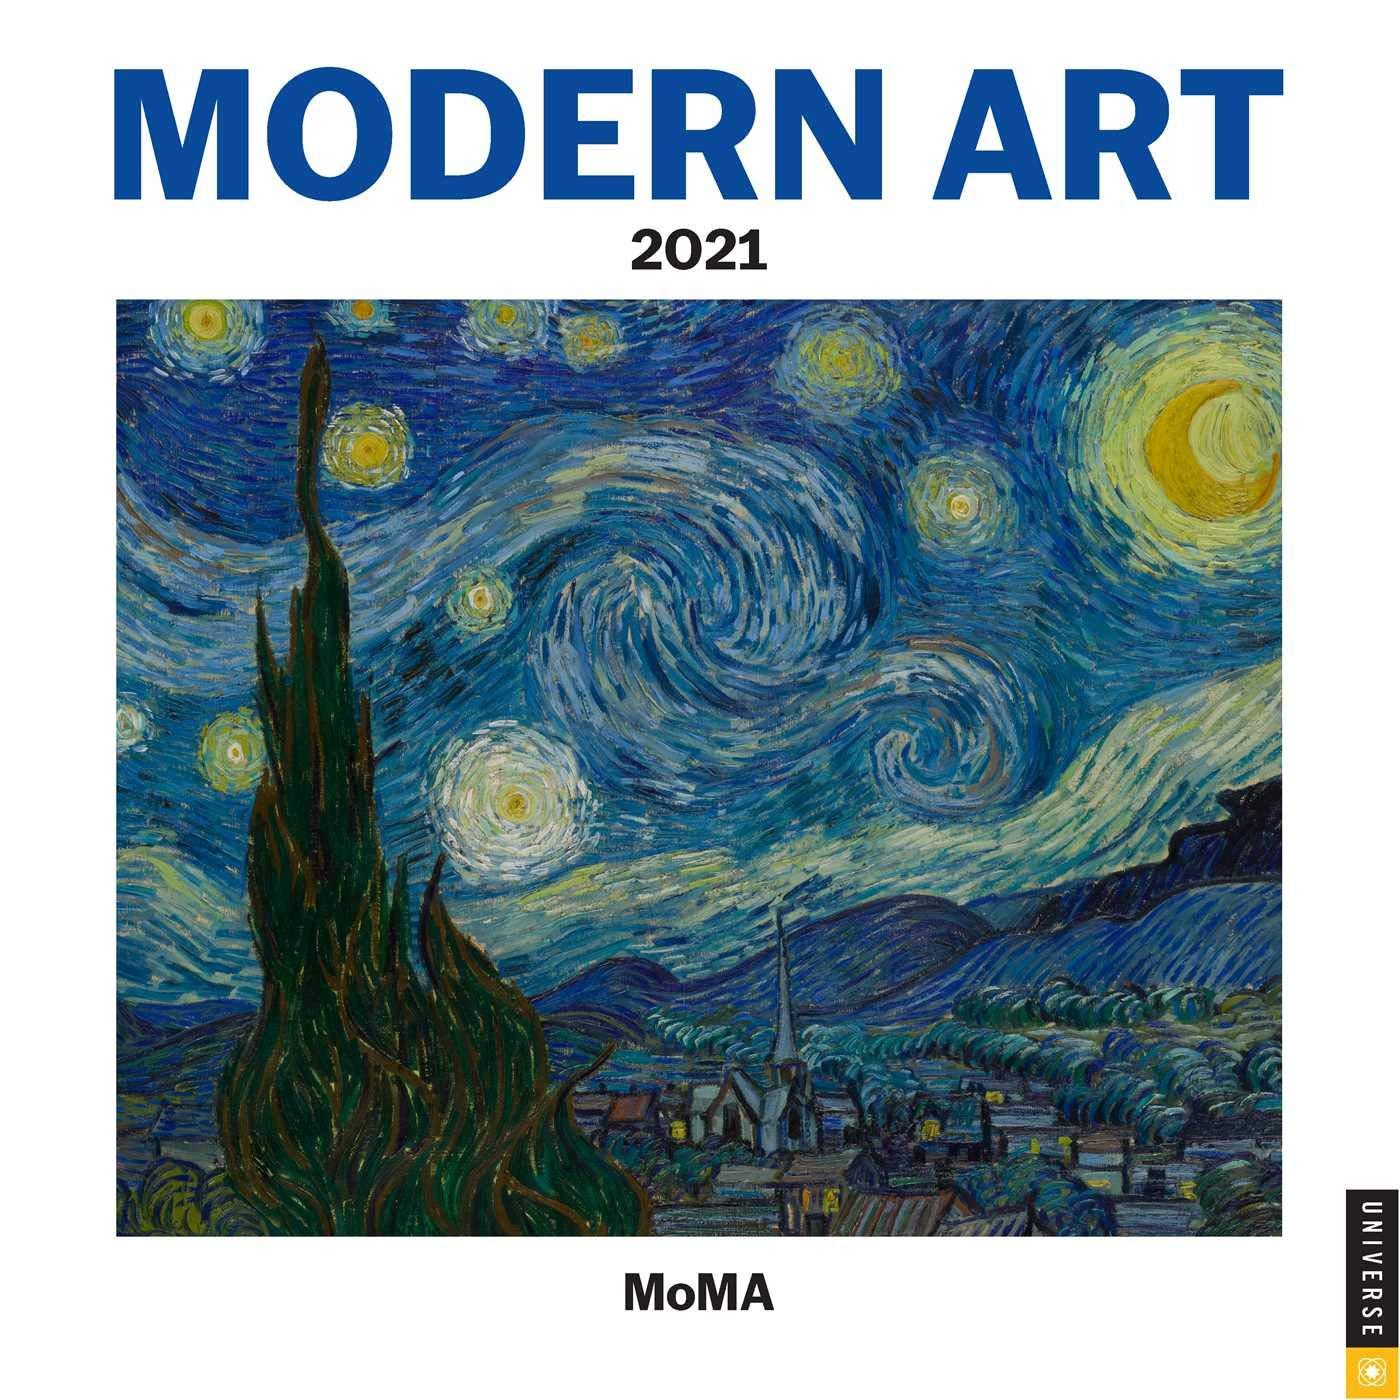 Art Wall Calendar 2021 Wallpaper